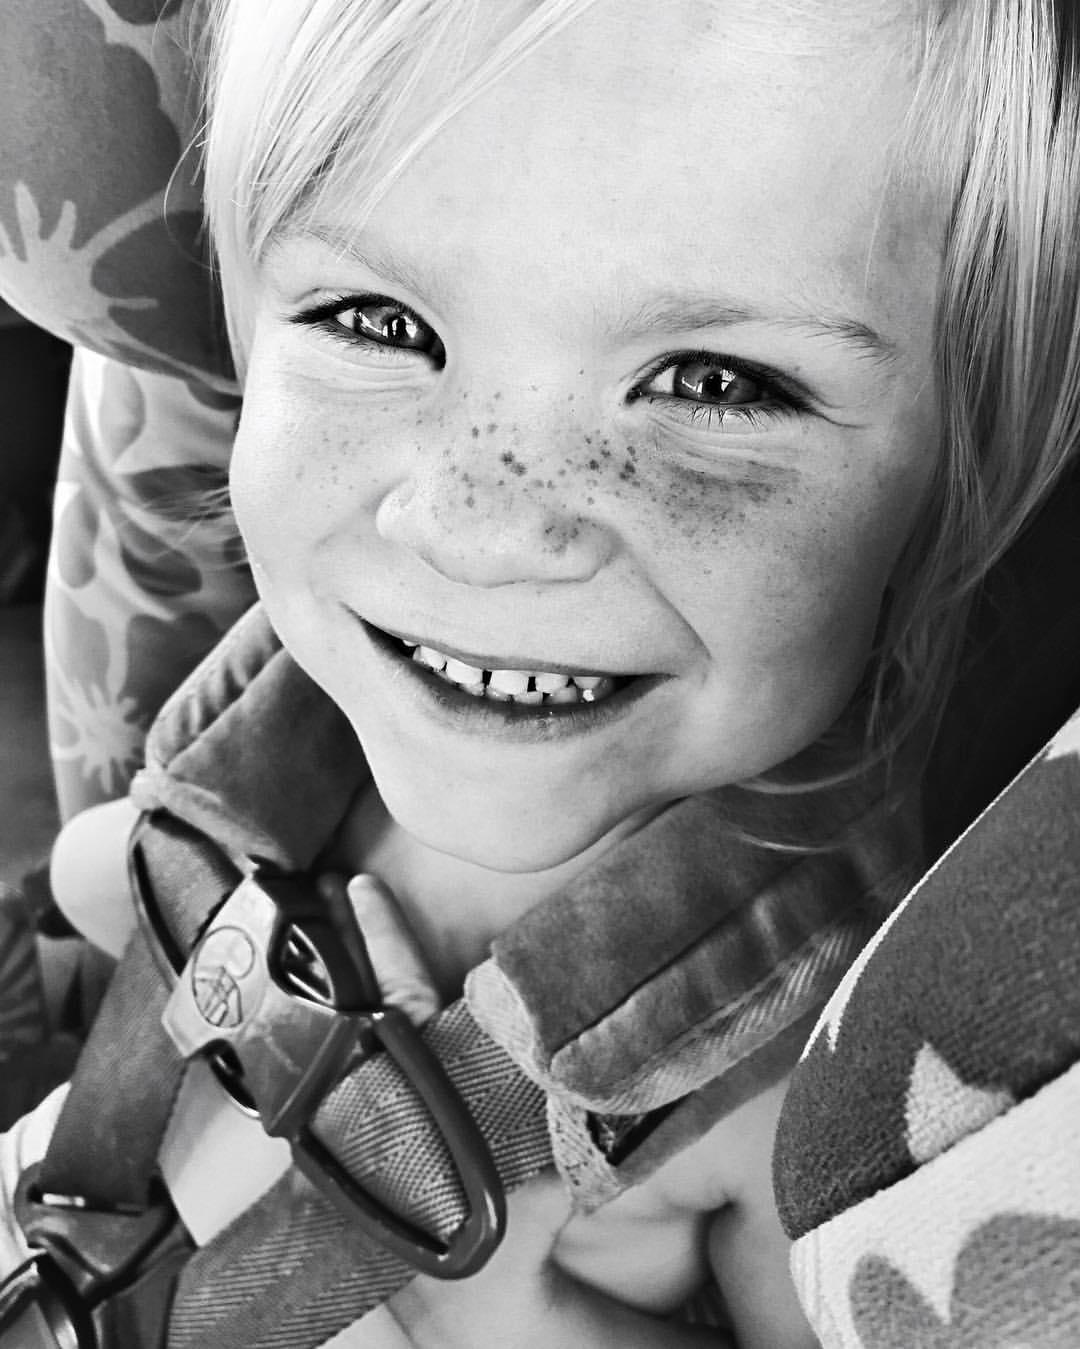 child photographer in springfield illinois